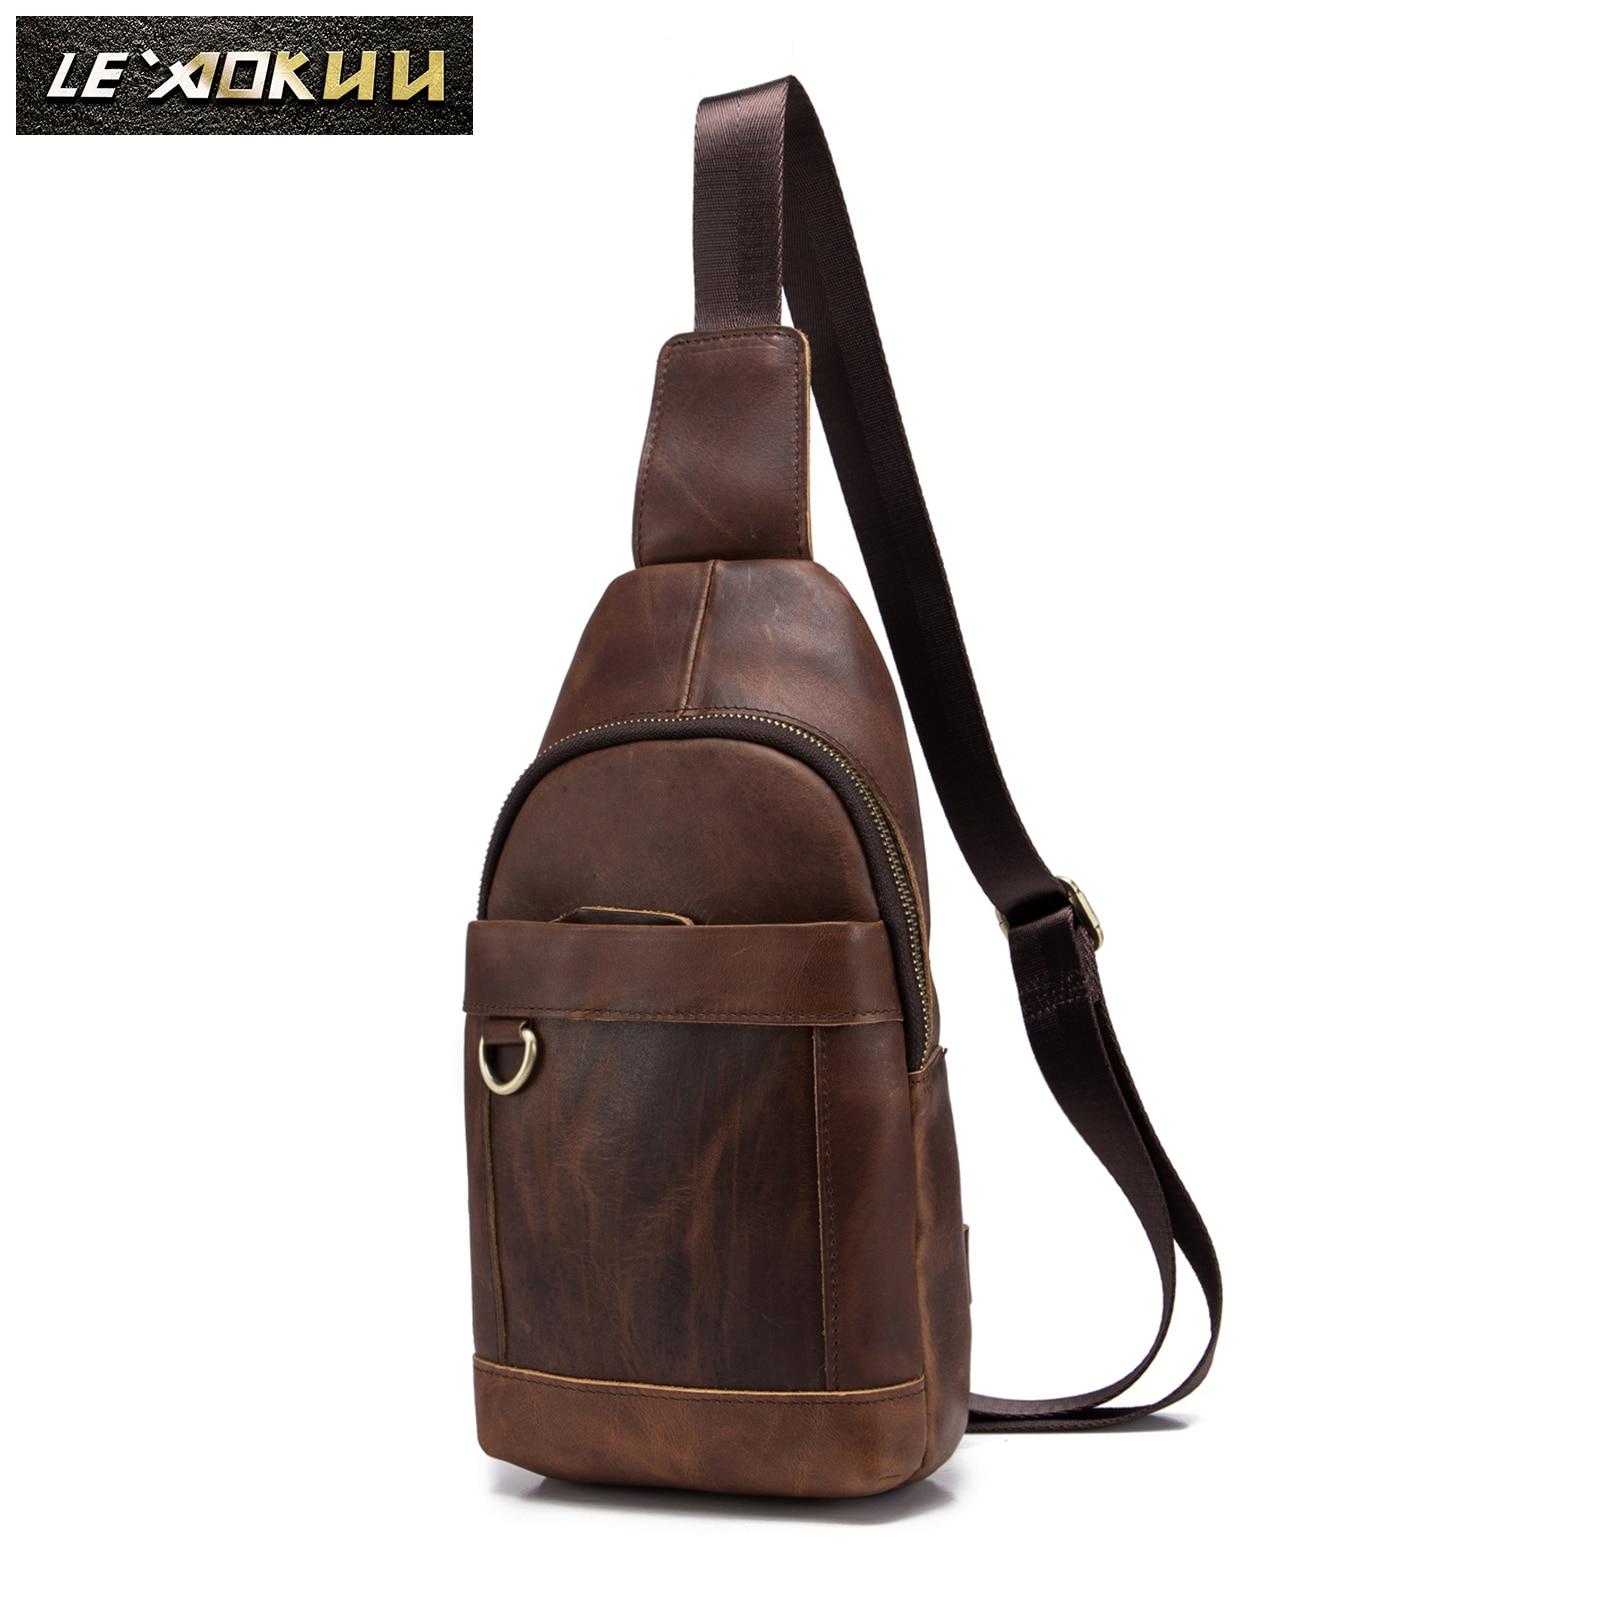 Men Genuine Leather Casual Fashion Waist Pack Chest Bag Design Sling Bag One Shoulder Bag Crossbody Bag For Male 8016d